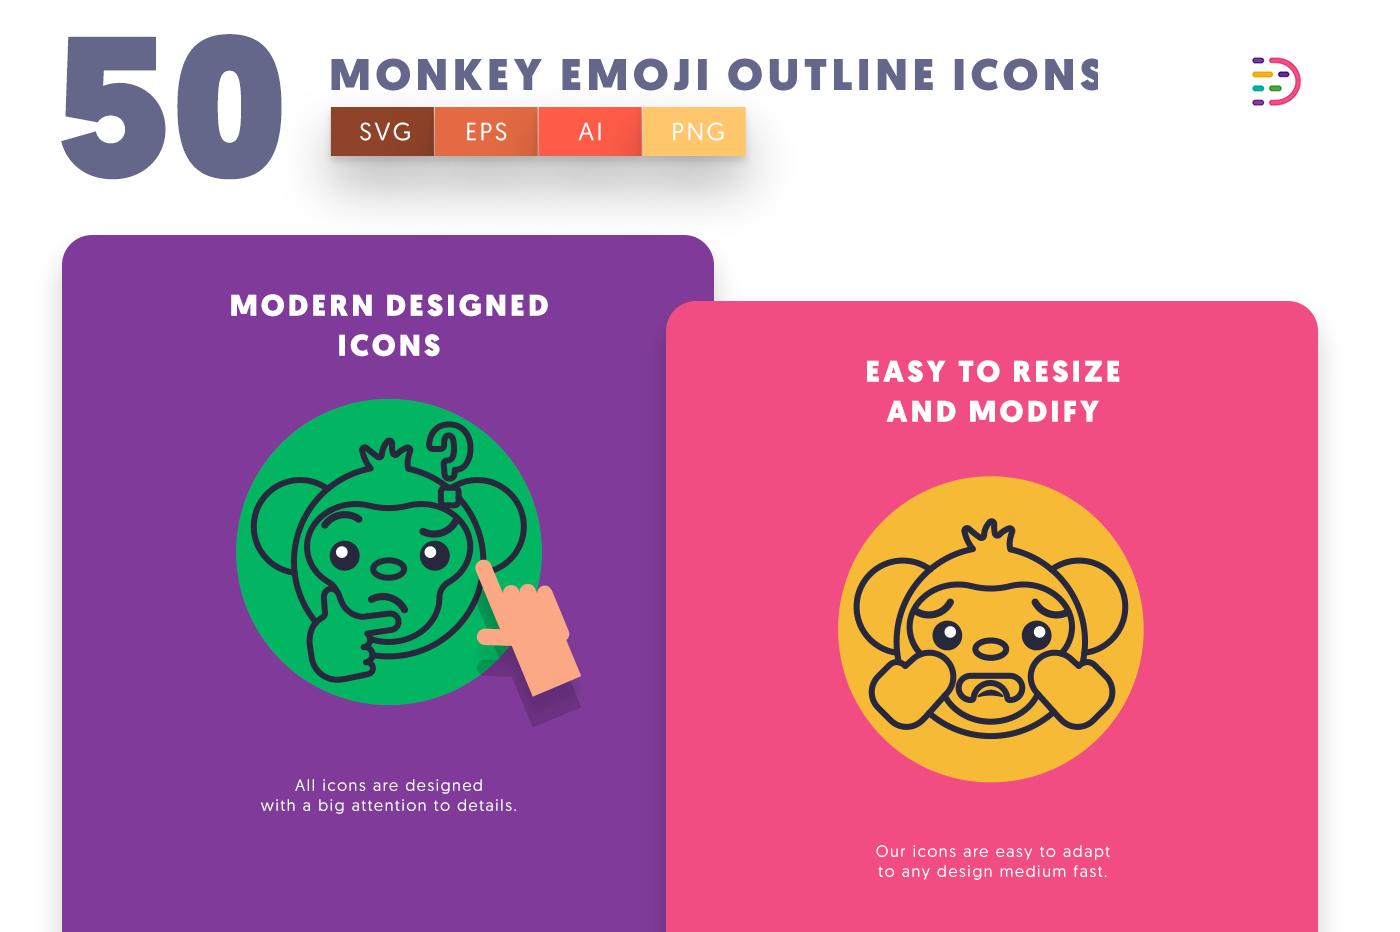 Monkey Emoji Outline icons png/svg/eps